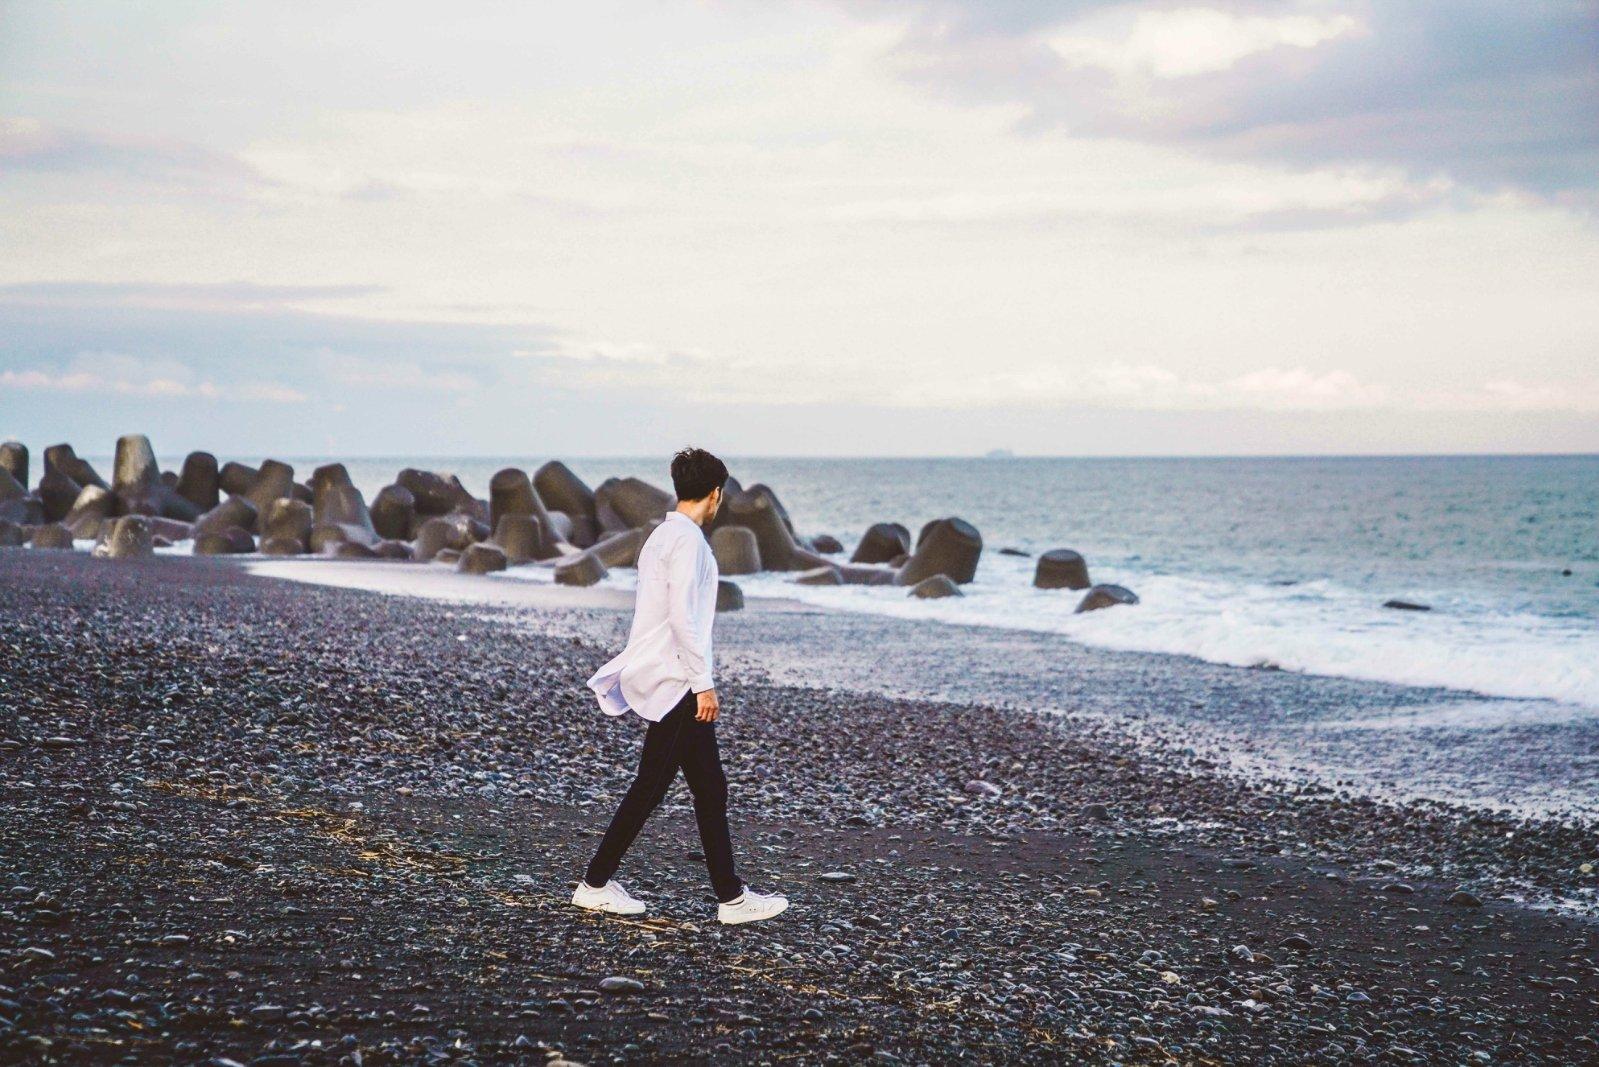 【游记】日本静冈——小丸子的故乡之旅